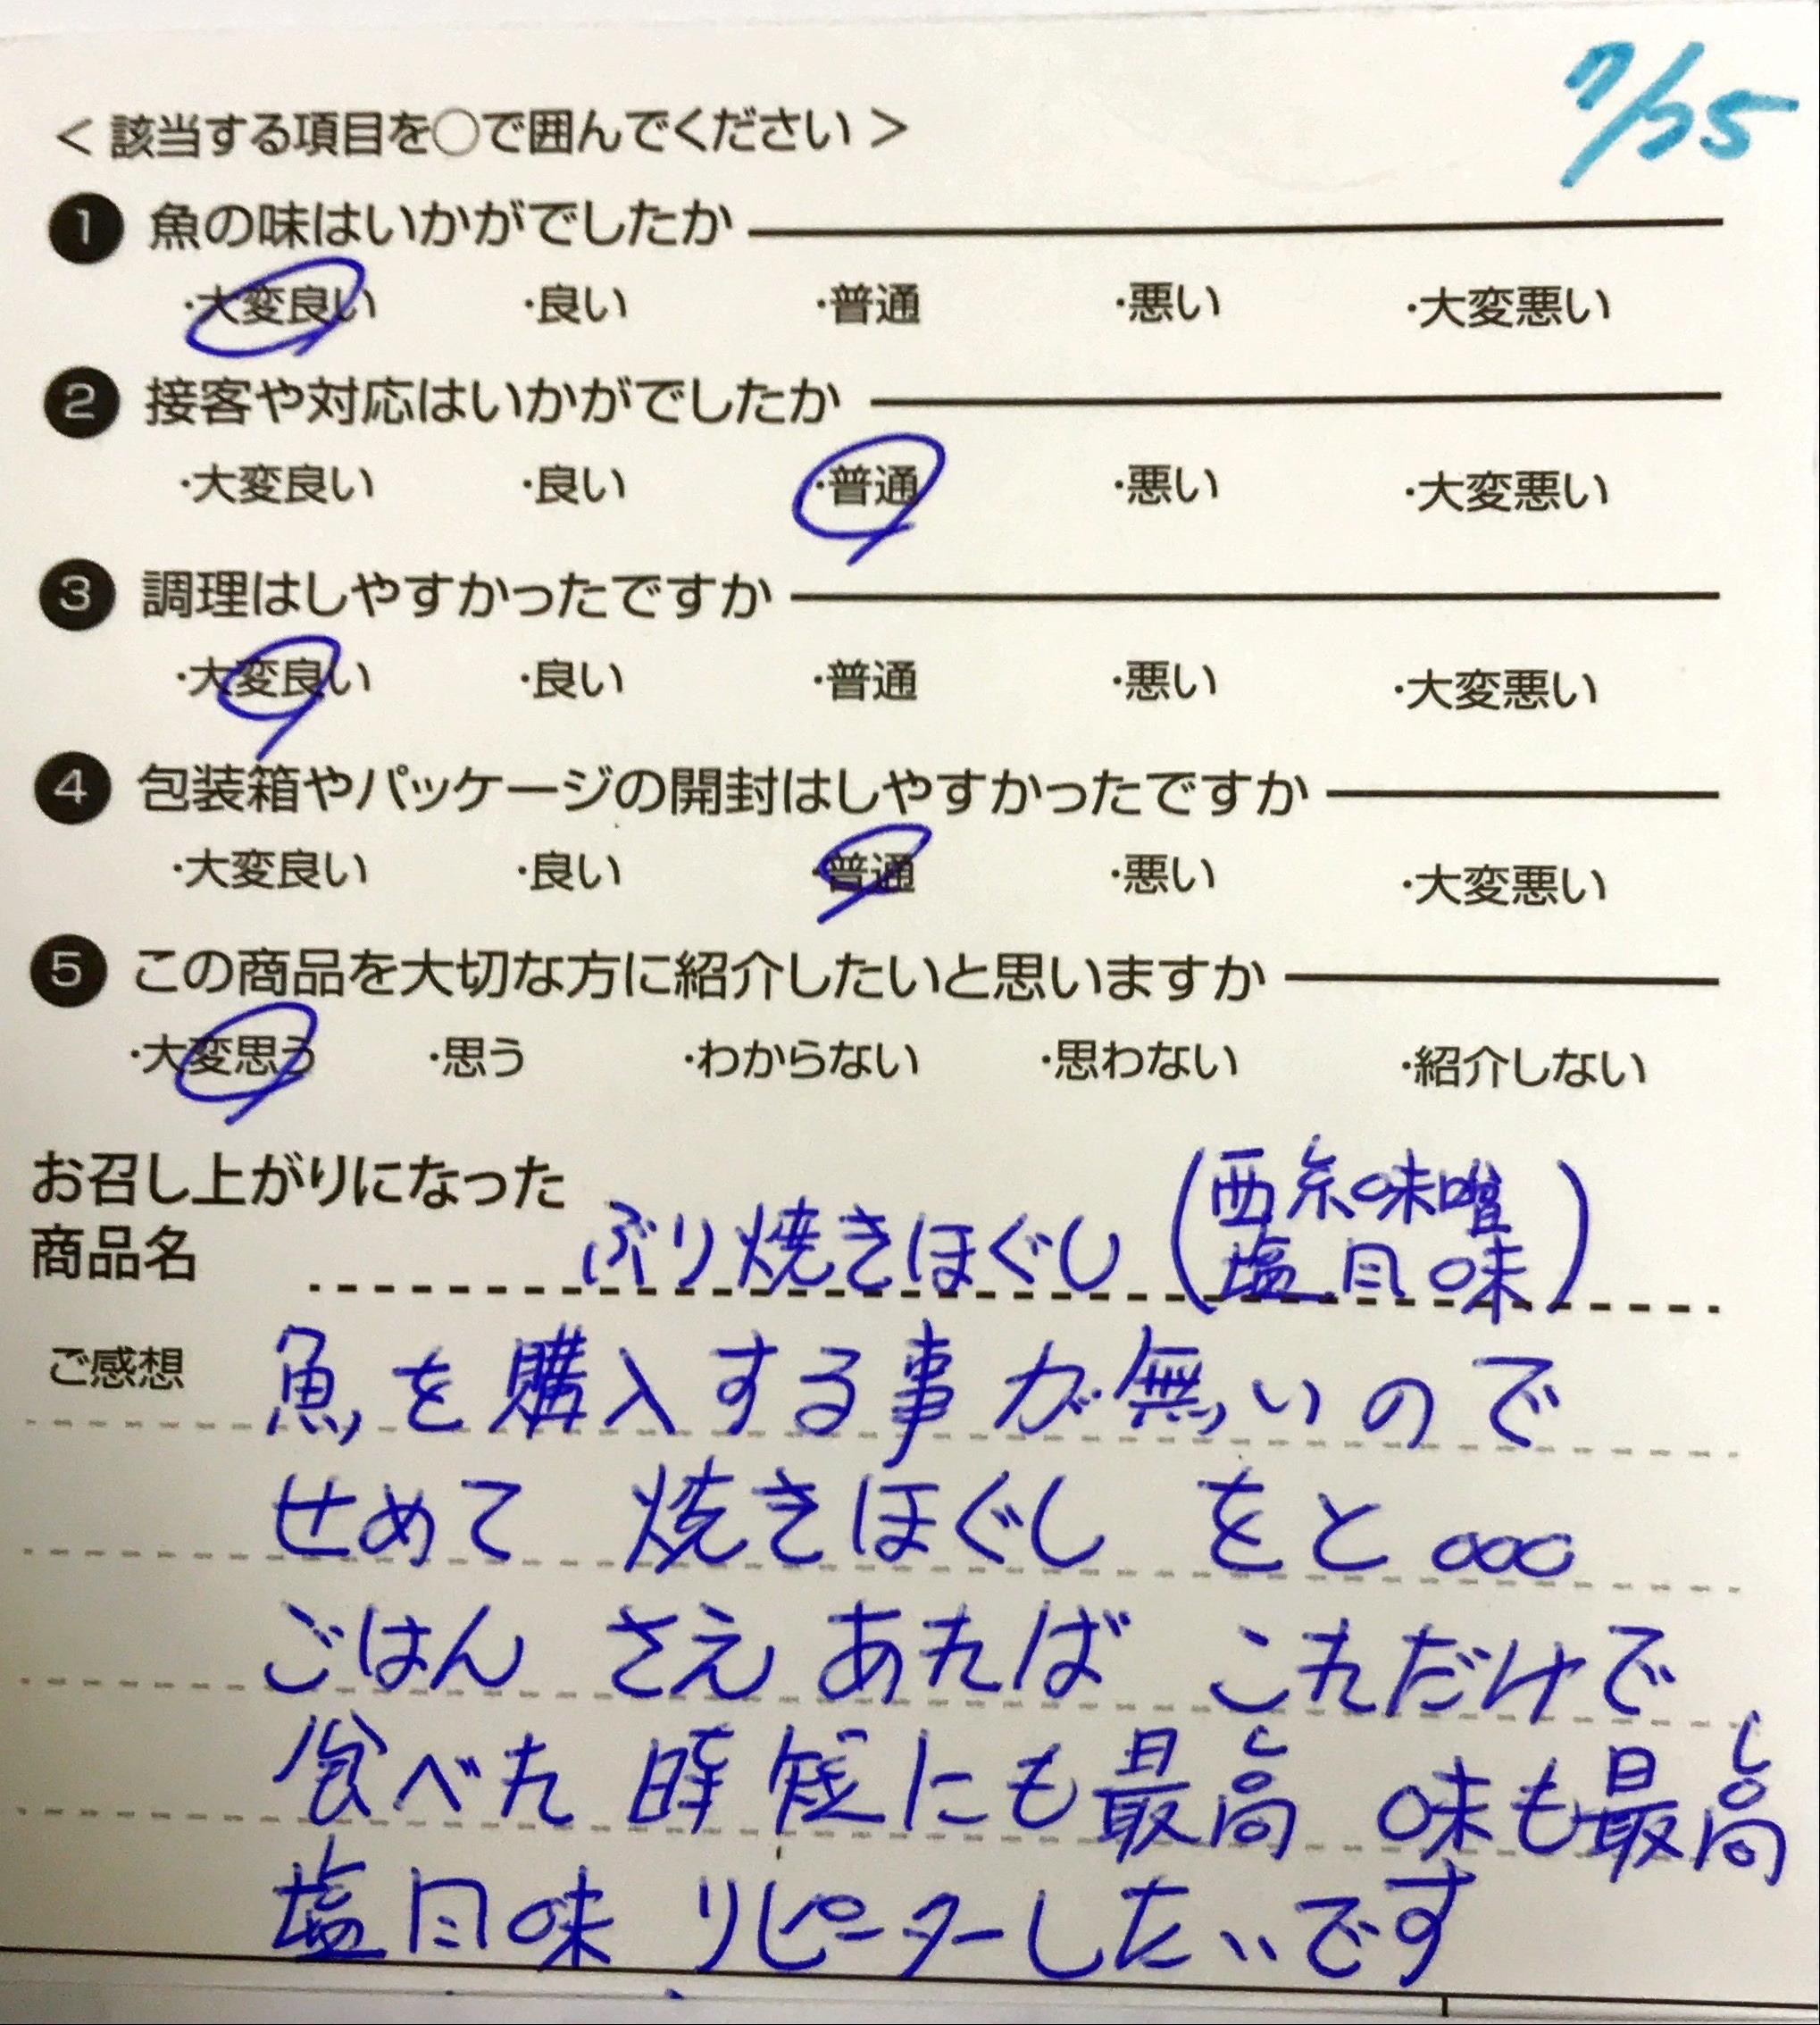 兵庫k・s